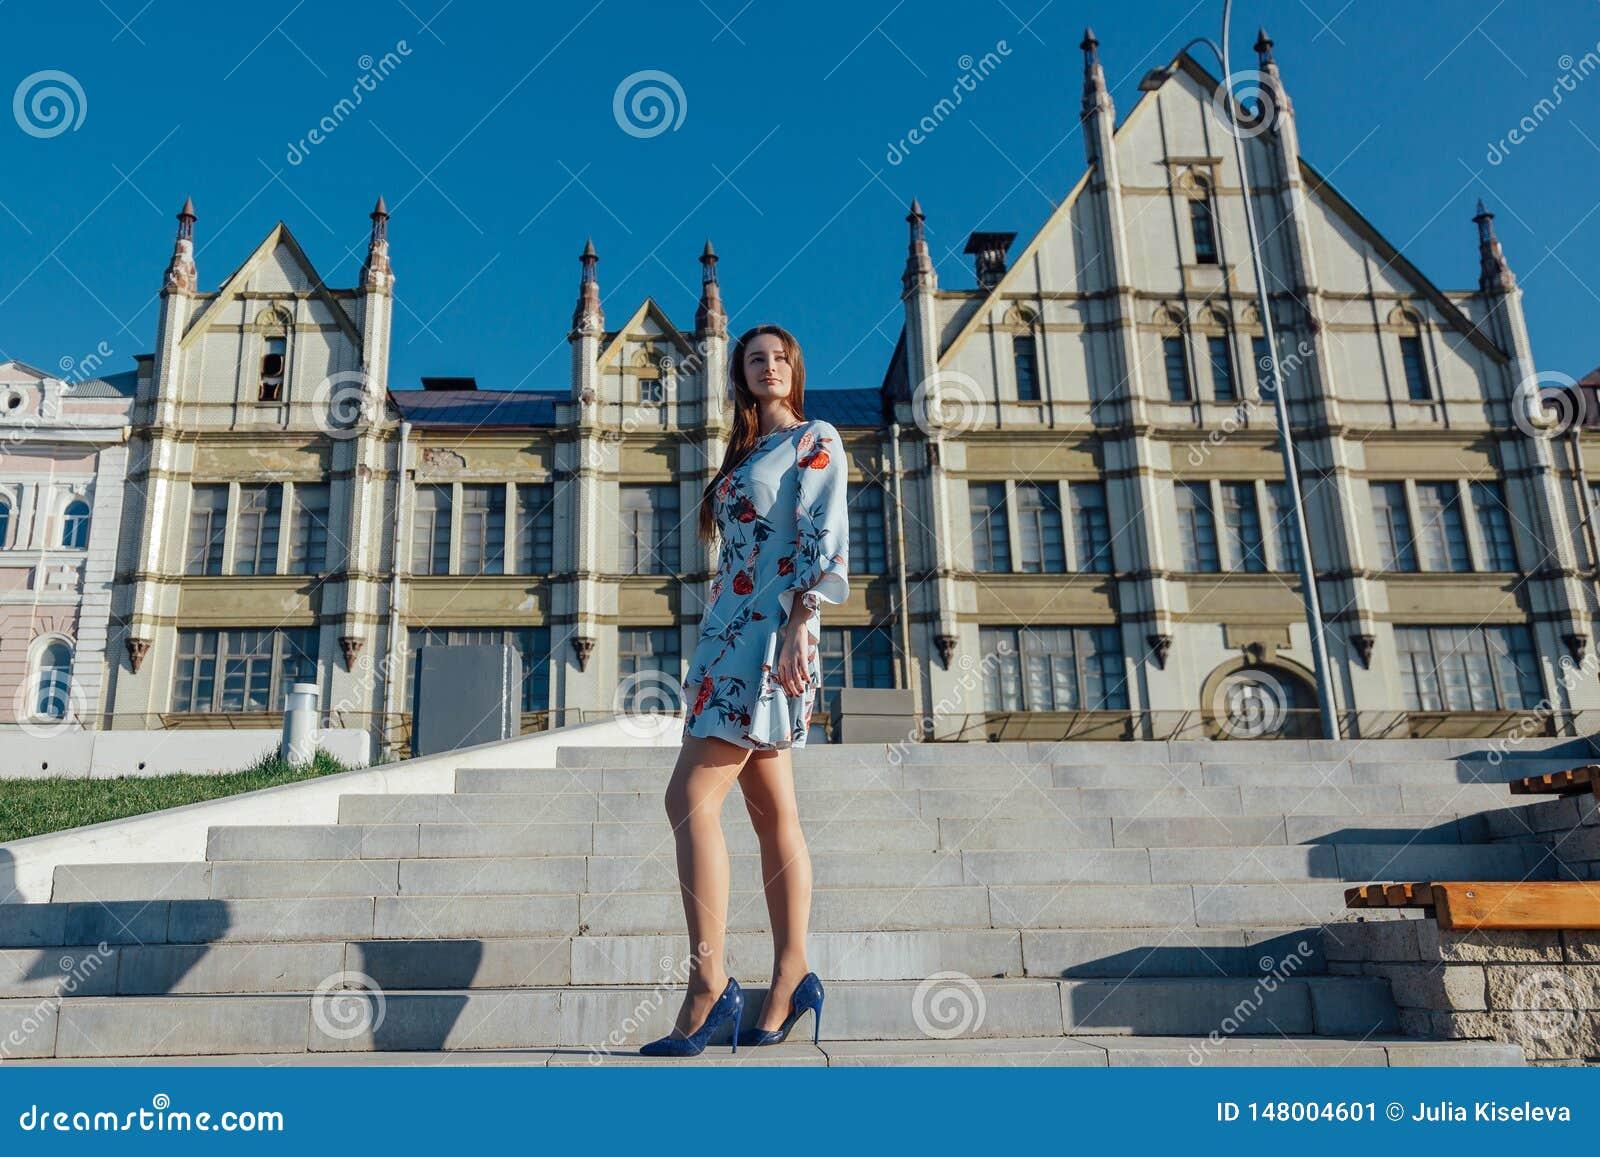 Piękna młoda kobieta w delikatnej błękit sukni